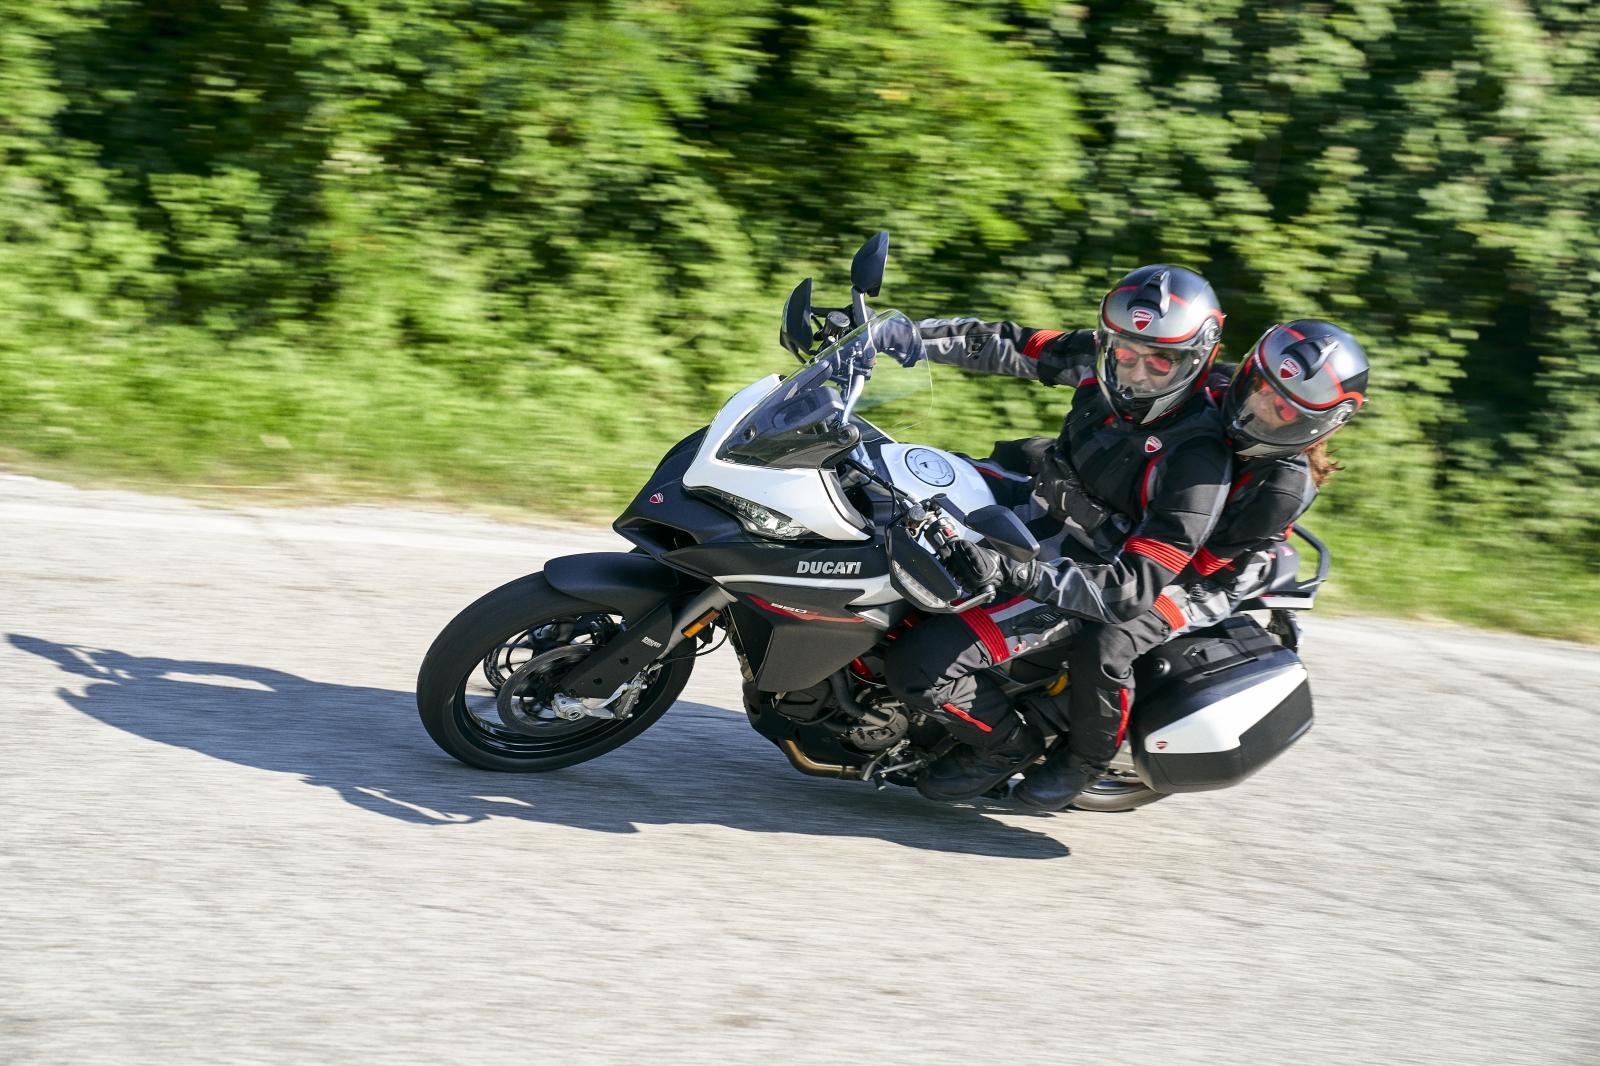 Ducati Multistrada 950 S 2021 GP White